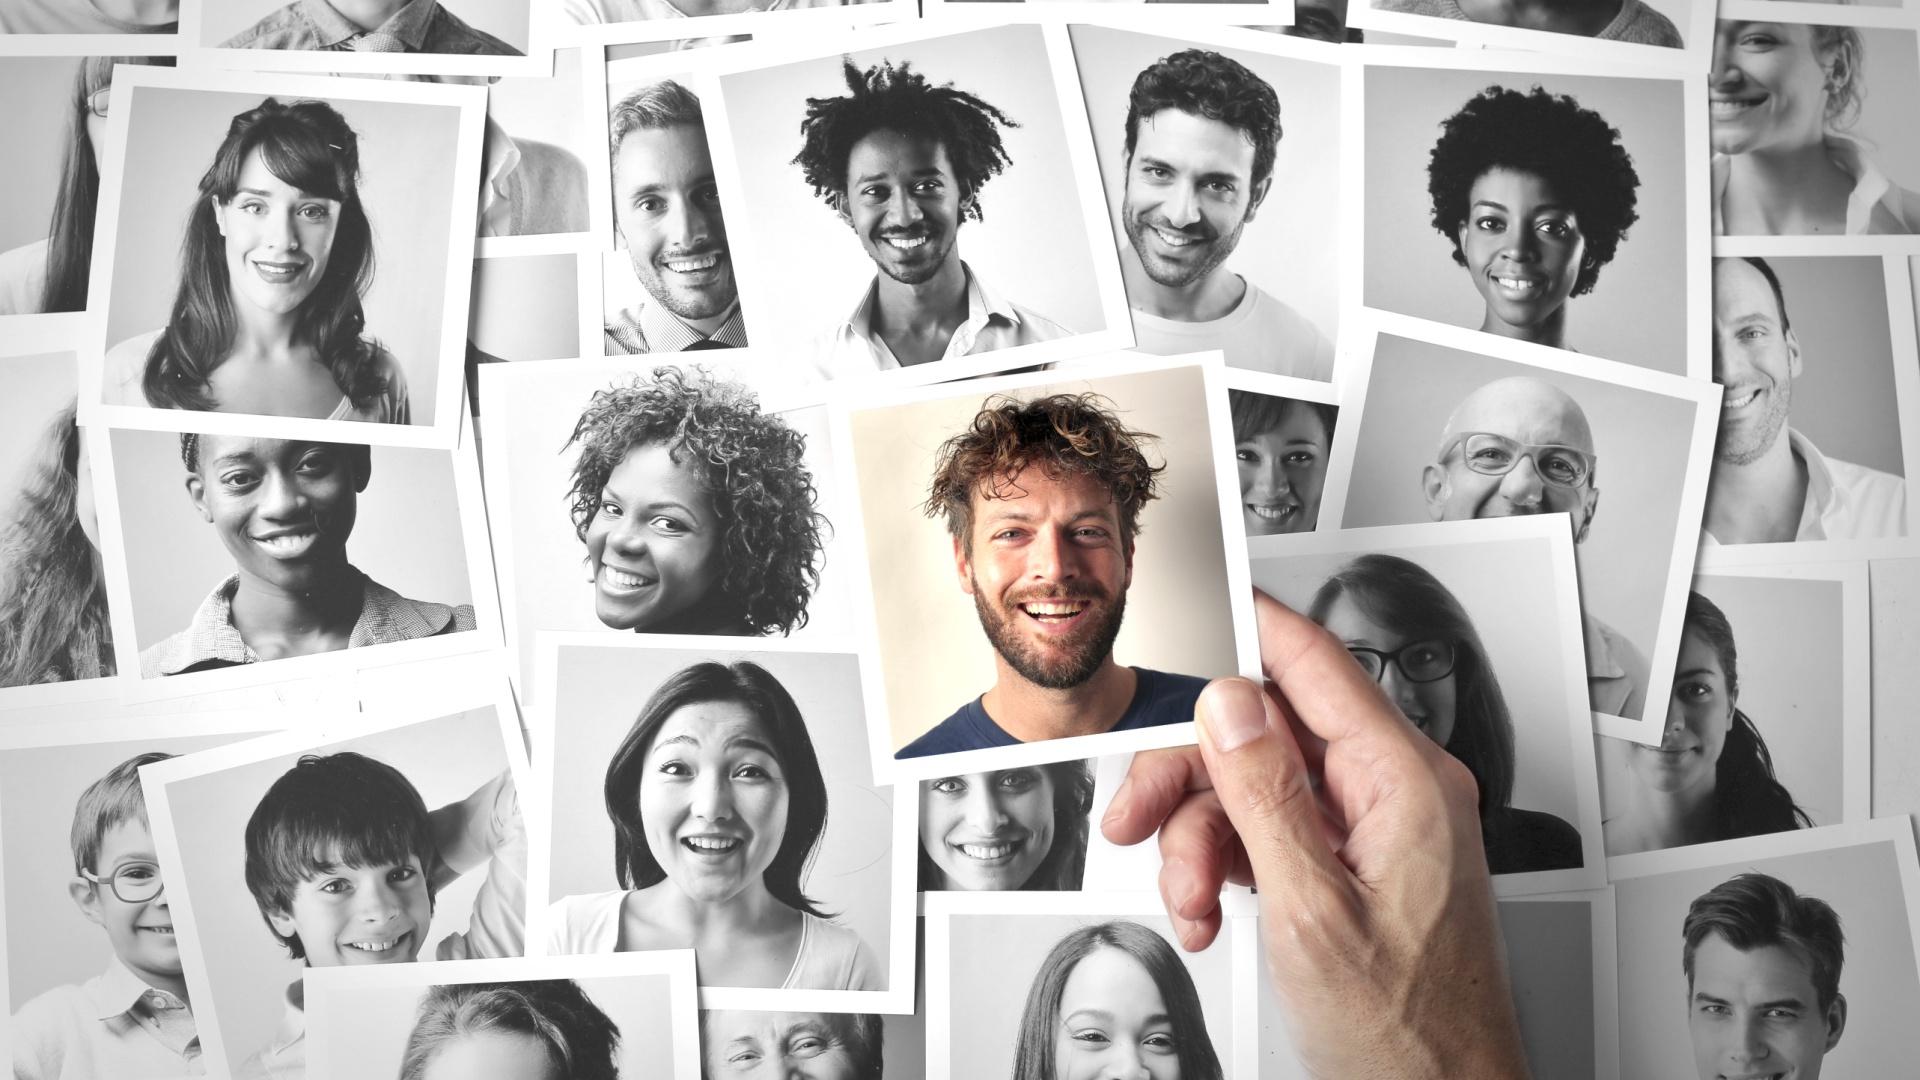 Al via la nuova campagna assunzioni con la ricerca di 500 figure da inserire in tutte le sedi del Gruppo